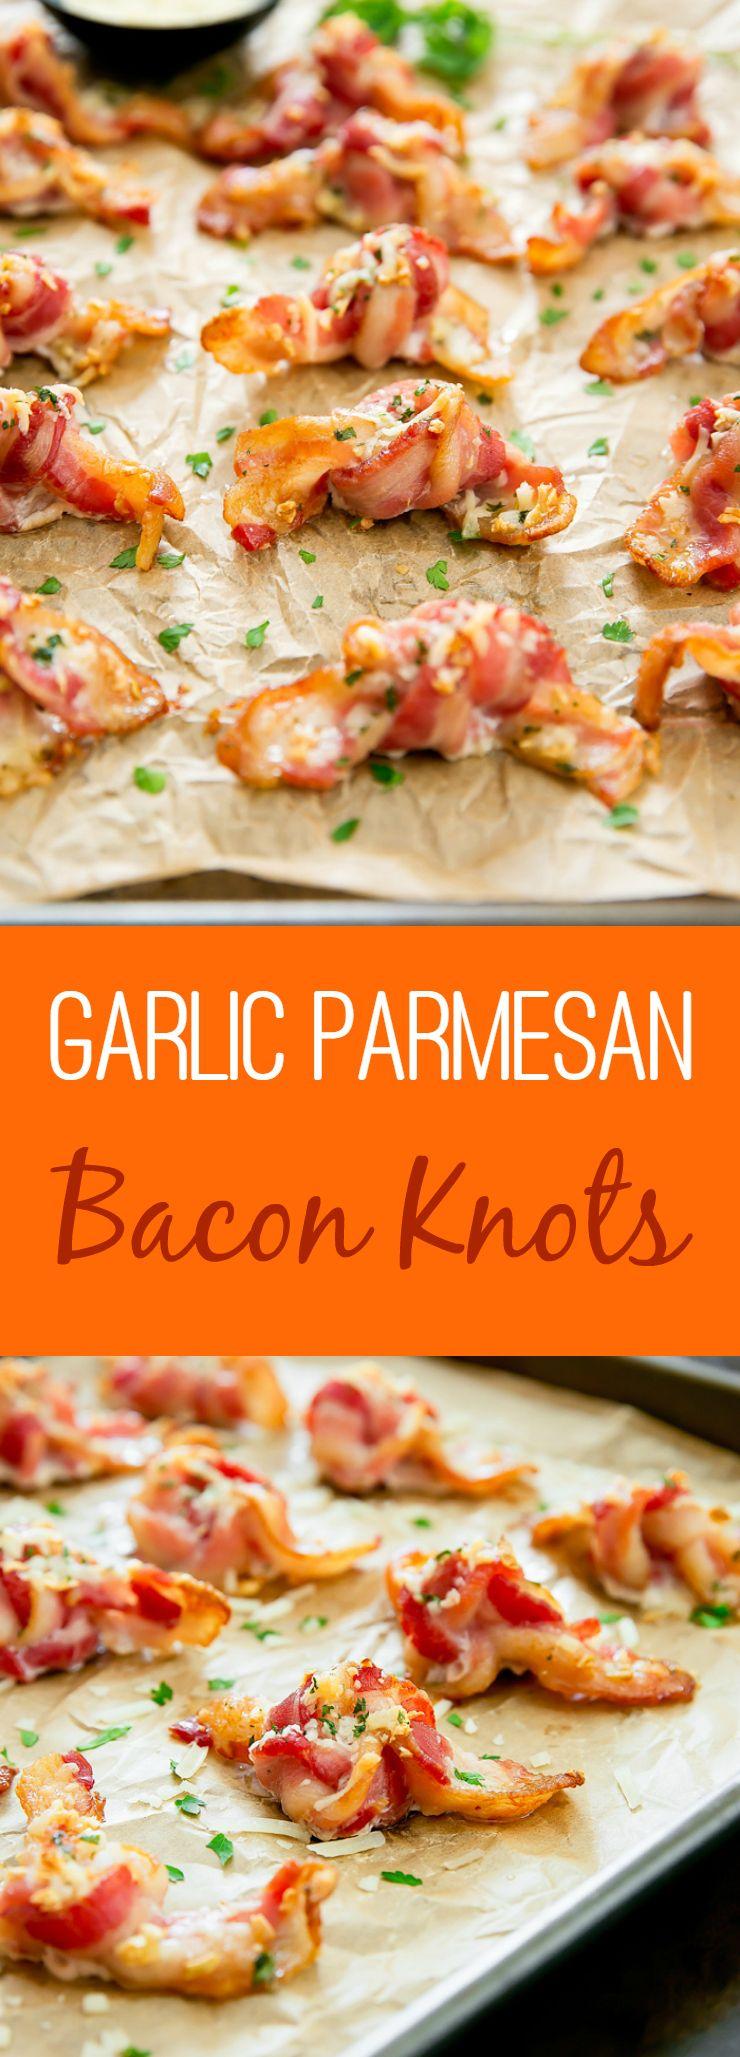 Garlic Parmesan Bacon Knots